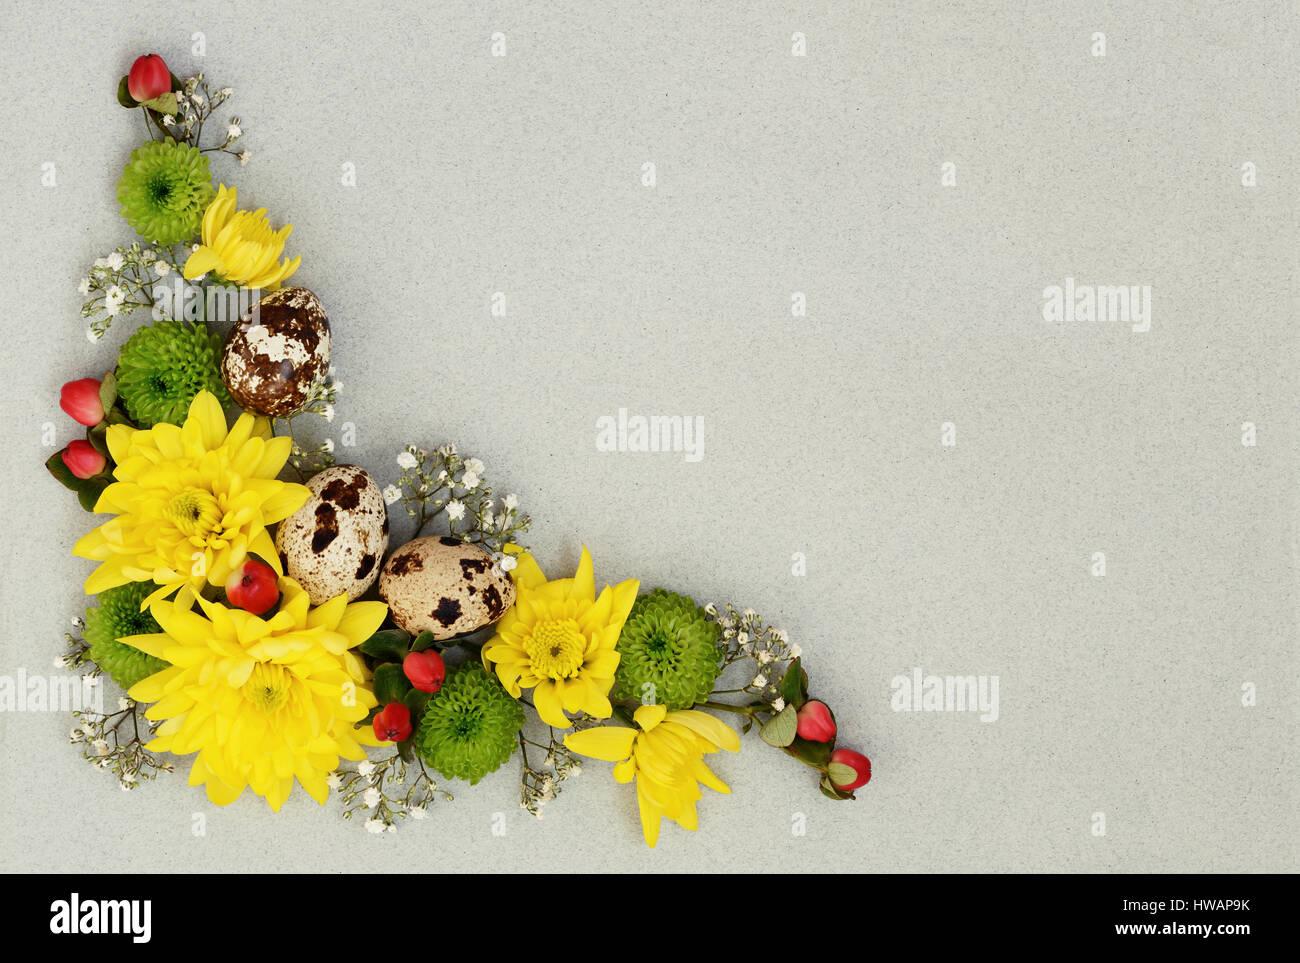 Décoration De Pâques De Jaune, Vert Et De Fleurs Blanches Avec Des Oeufs De  Cailles